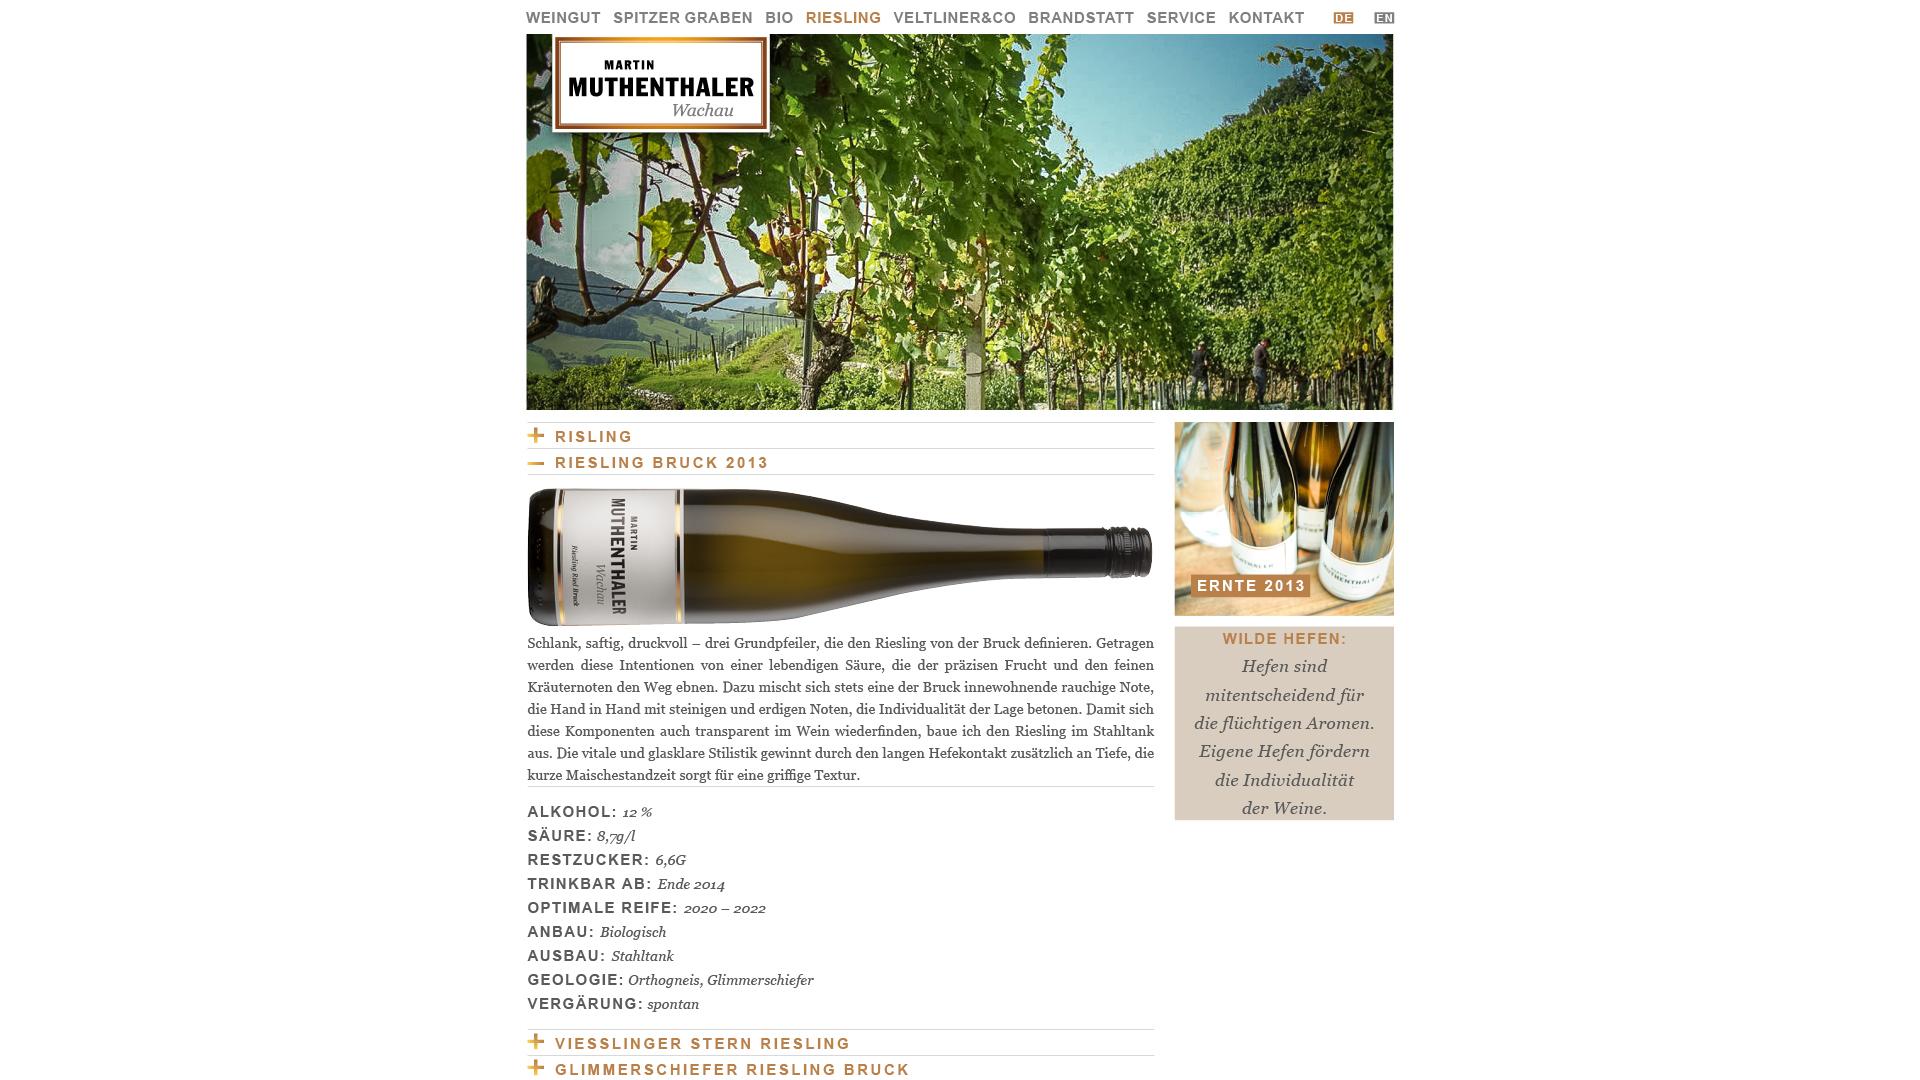 Designentwicklung Logo, Etiketten und Website für Weingut Martin Muthenthaler Wachau